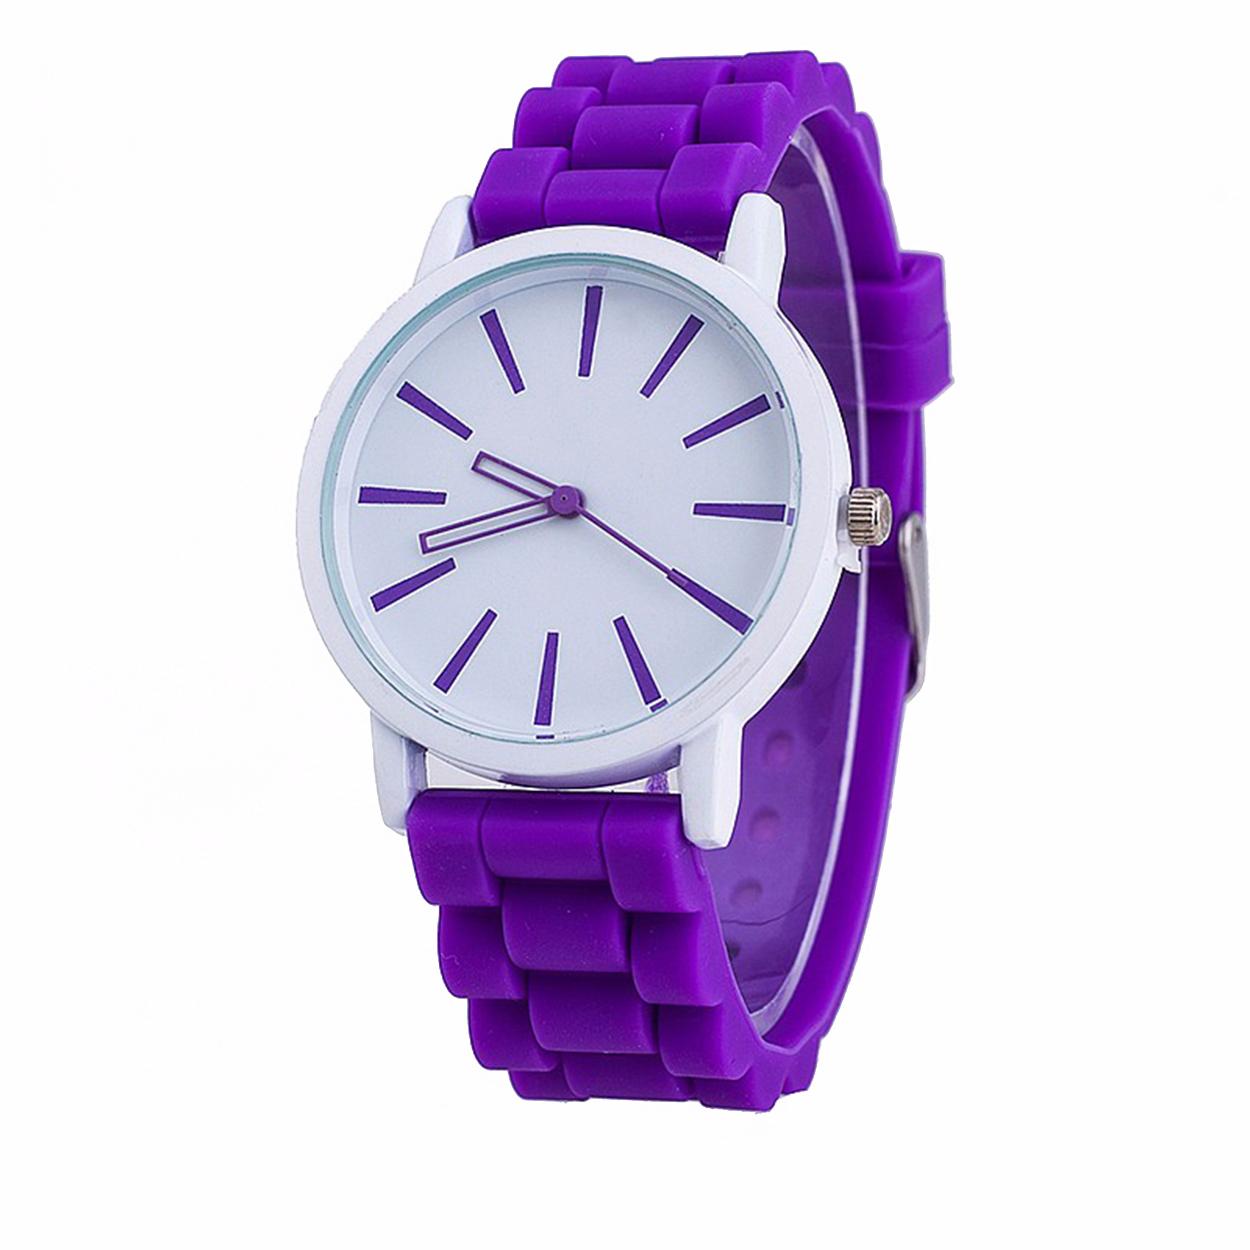 ساعت مچی عقربه ای مدل watch2585B